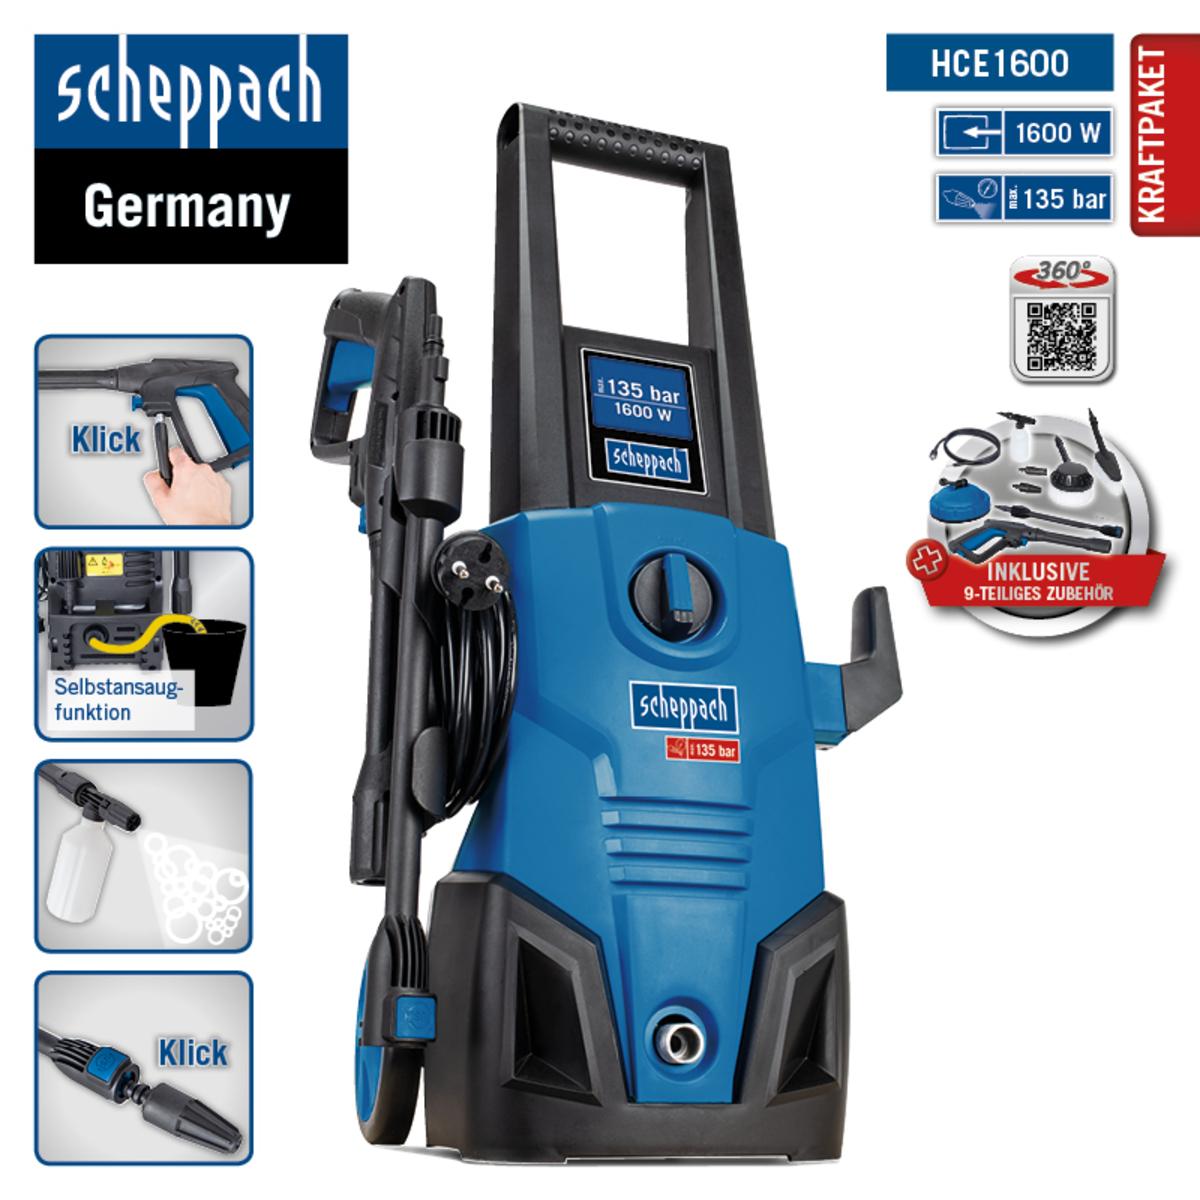 Bild 3 von Scheppach Hochdruckreiniger HCE1600 SE